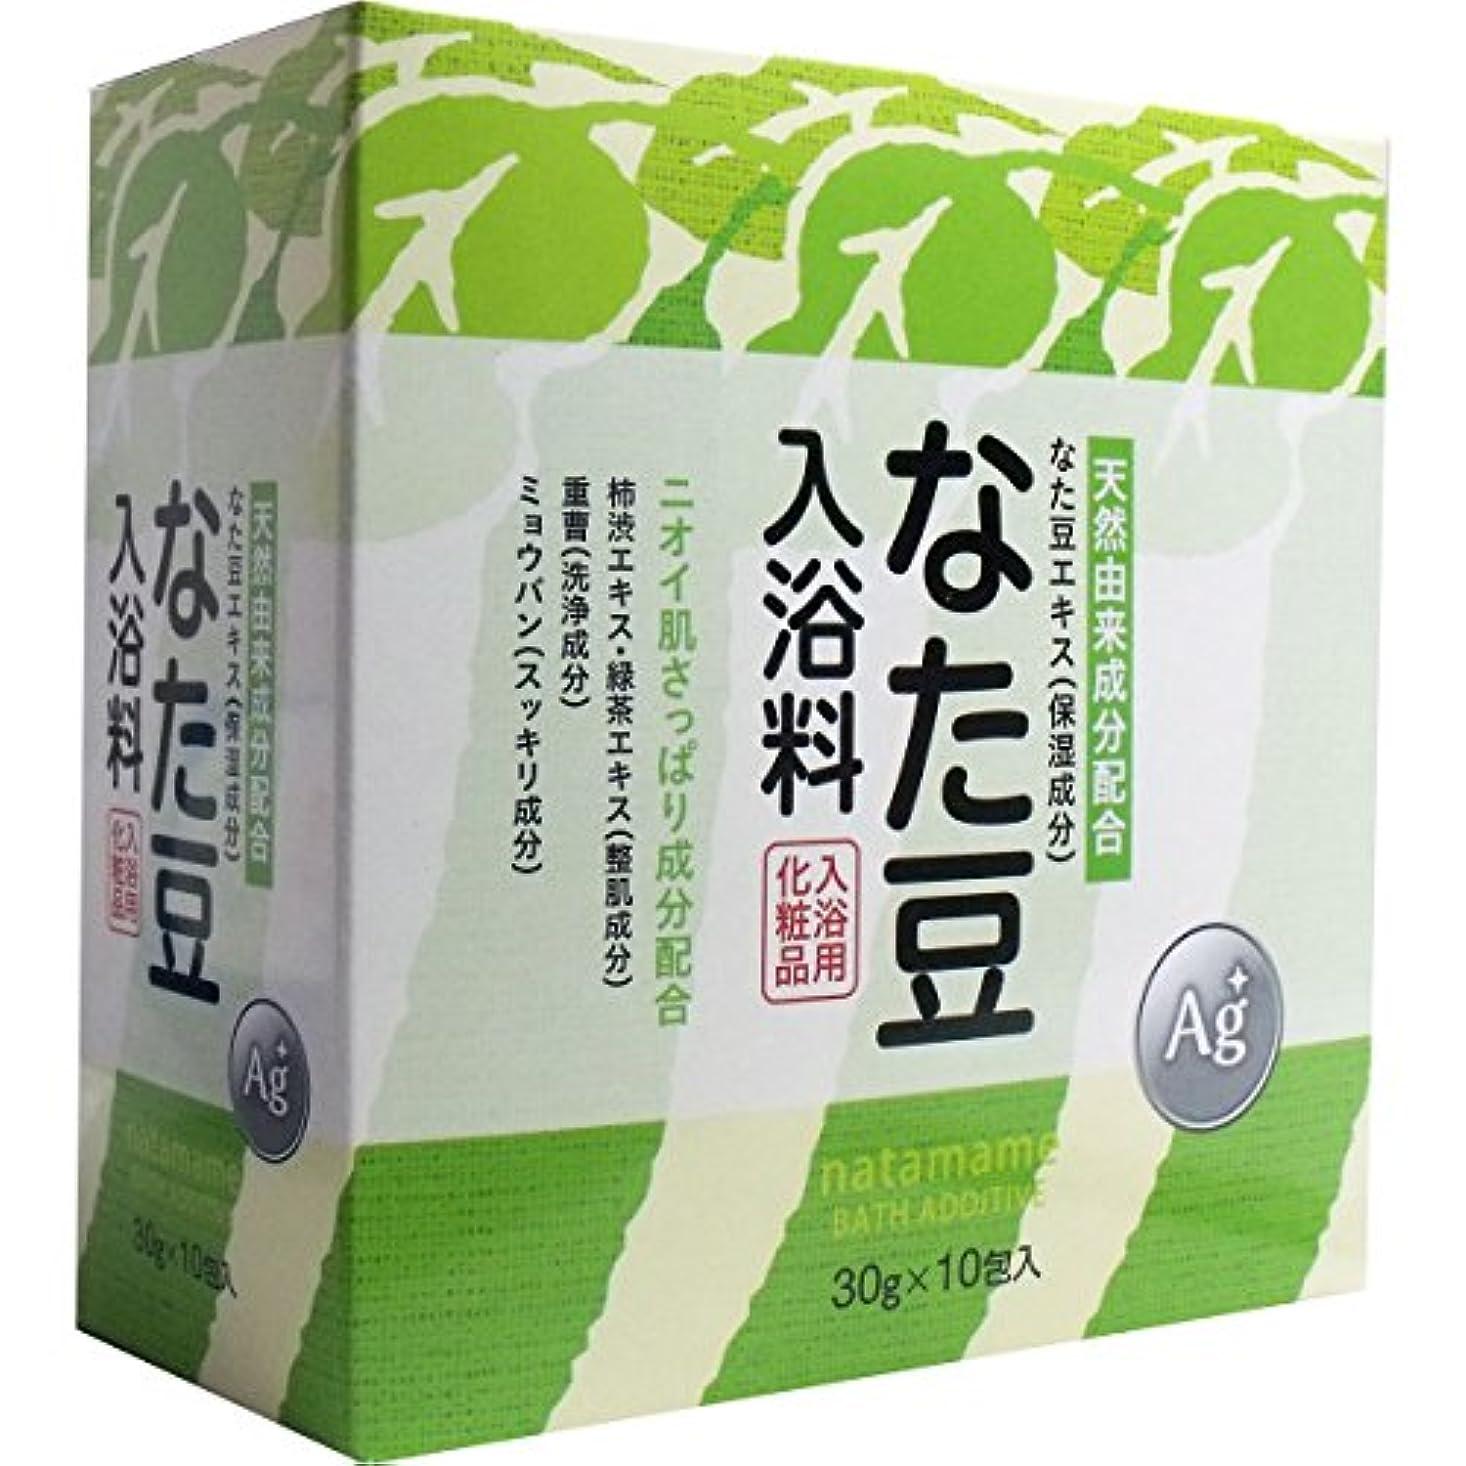 甘美な本質的に音節なた豆入浴料 入浴用化粧品 30g×10包入×6